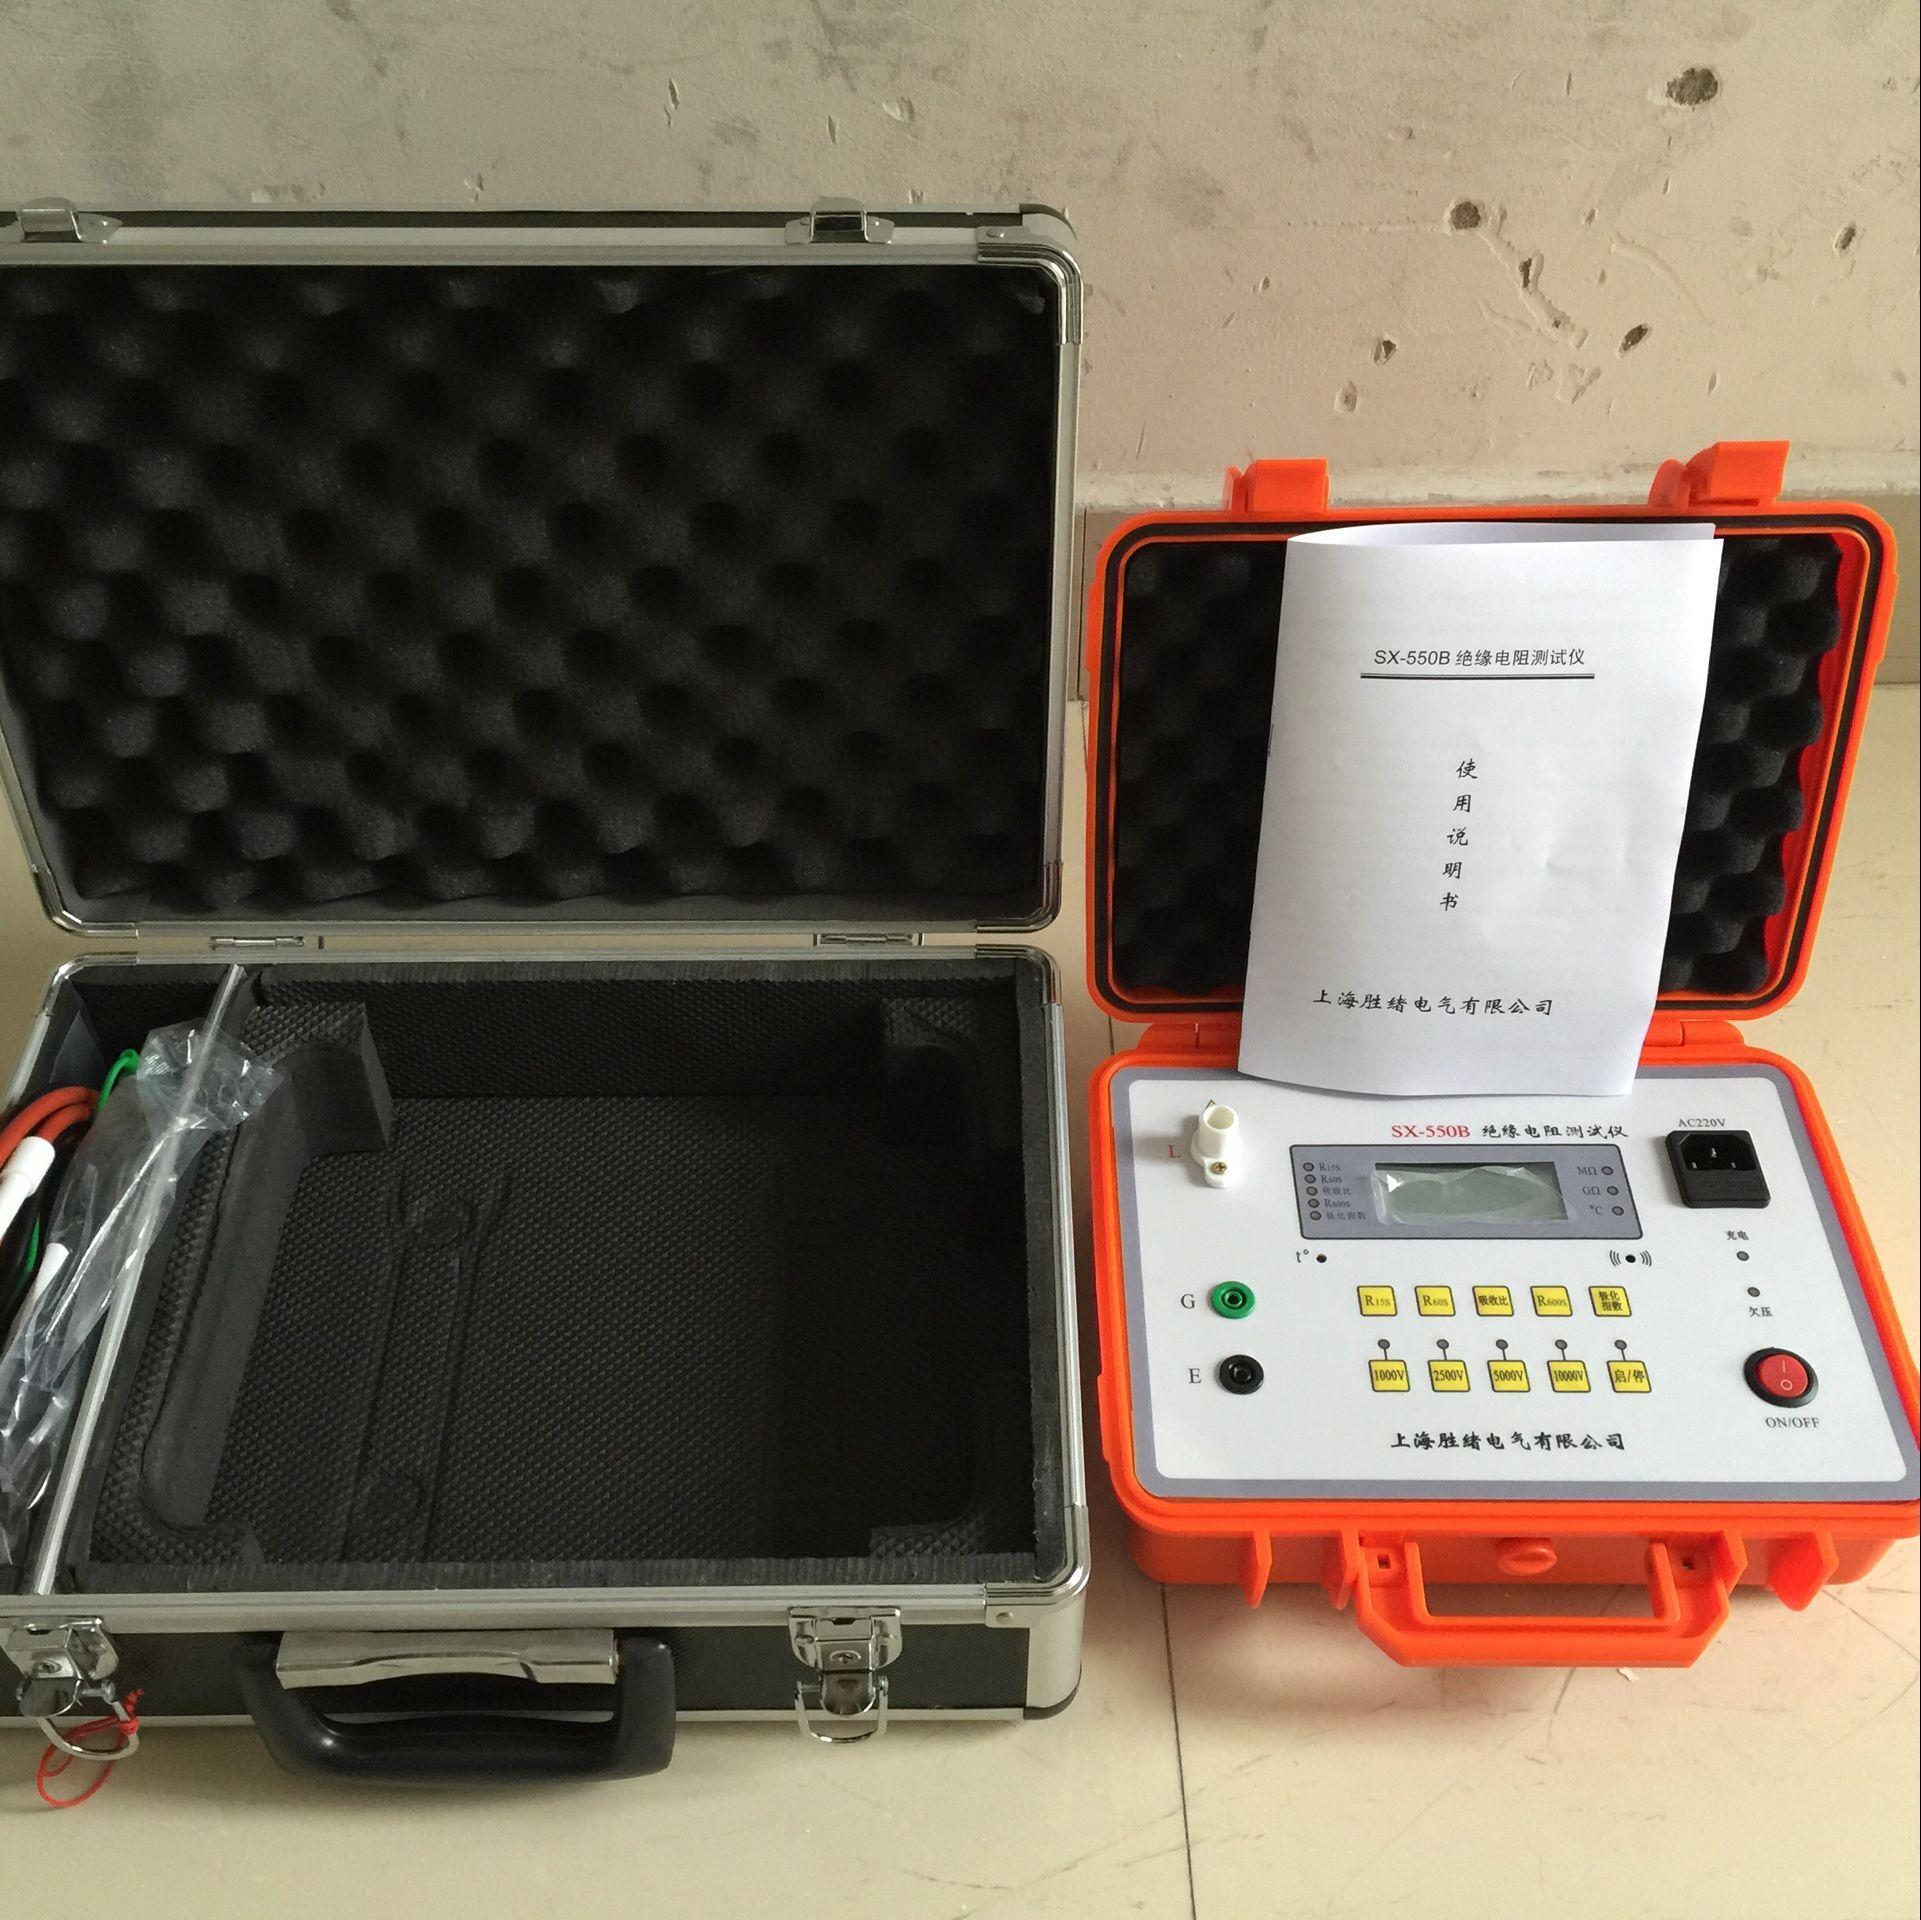 数字式绝缘电阻的测试(兆欧表)有什么作用?